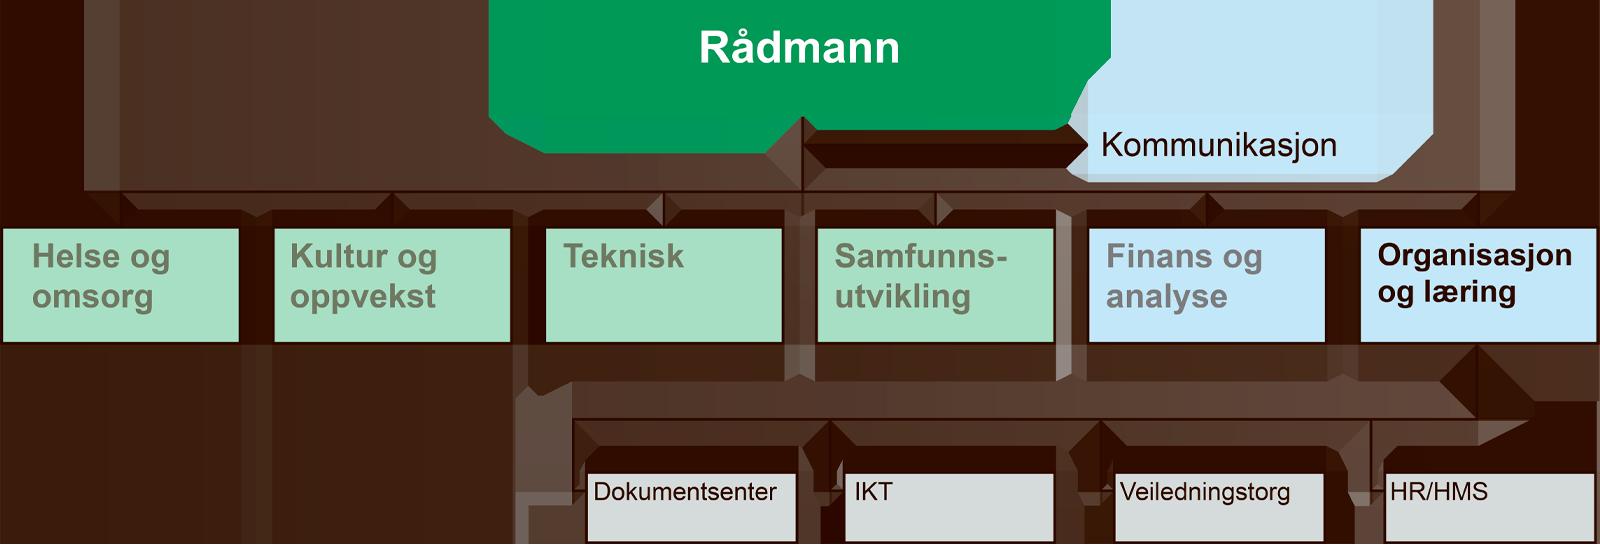 Organisasjonskart for organisasjon og læring